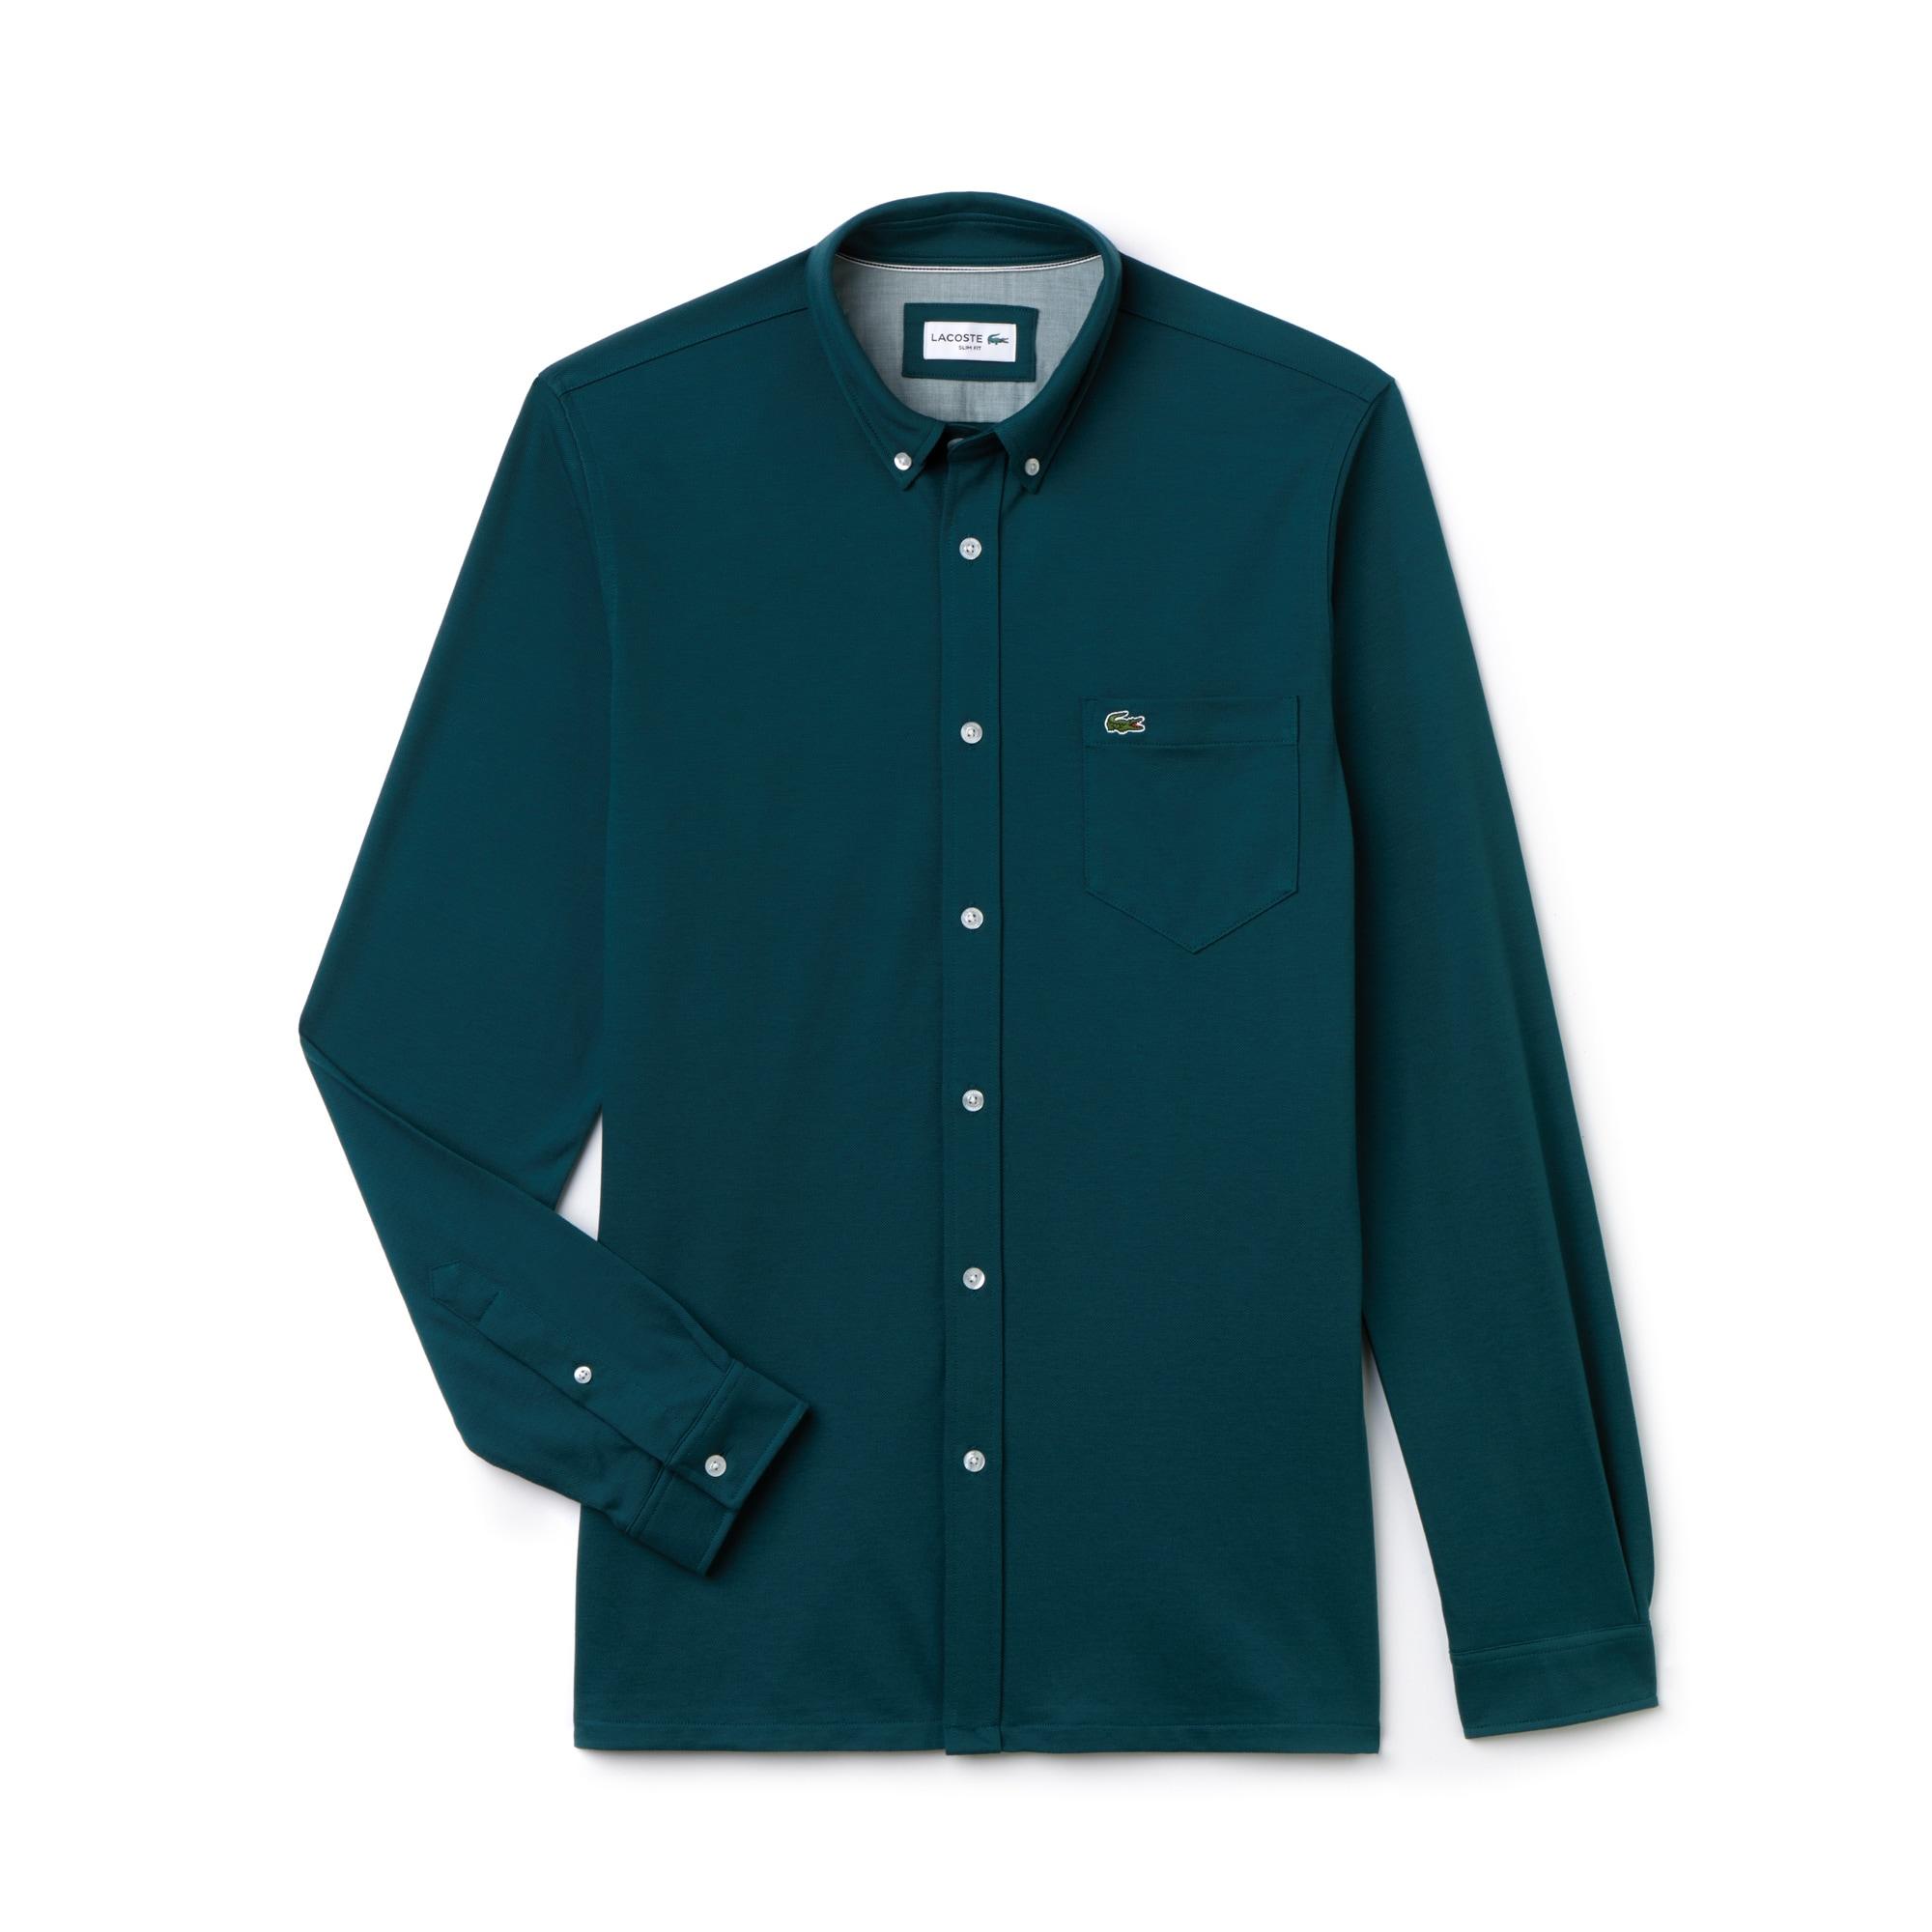 Camicia slim fit in jersey di cotone